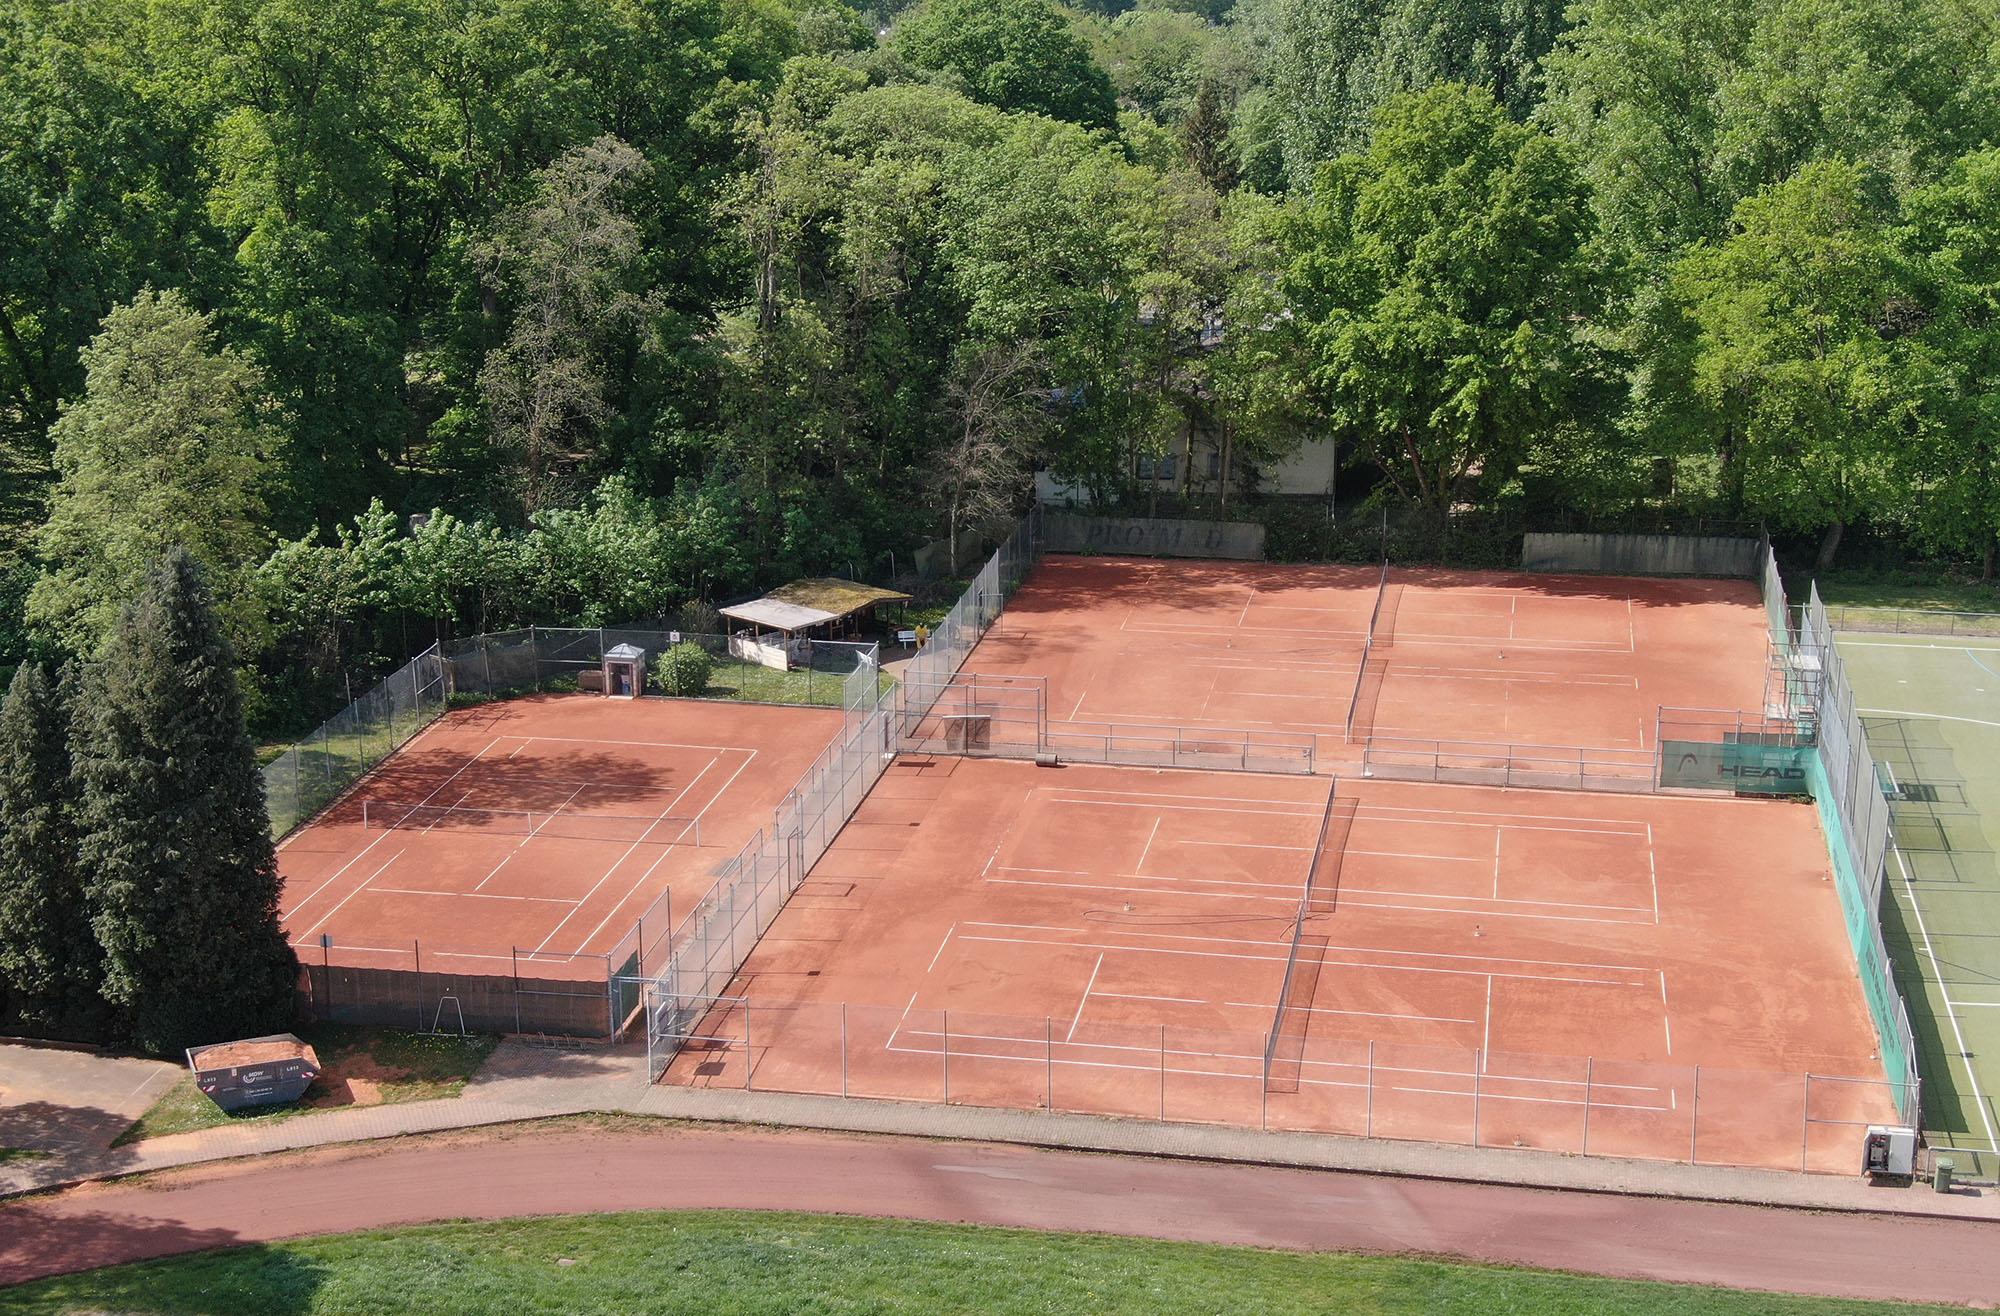 Tennisplatz Luftaufnahme